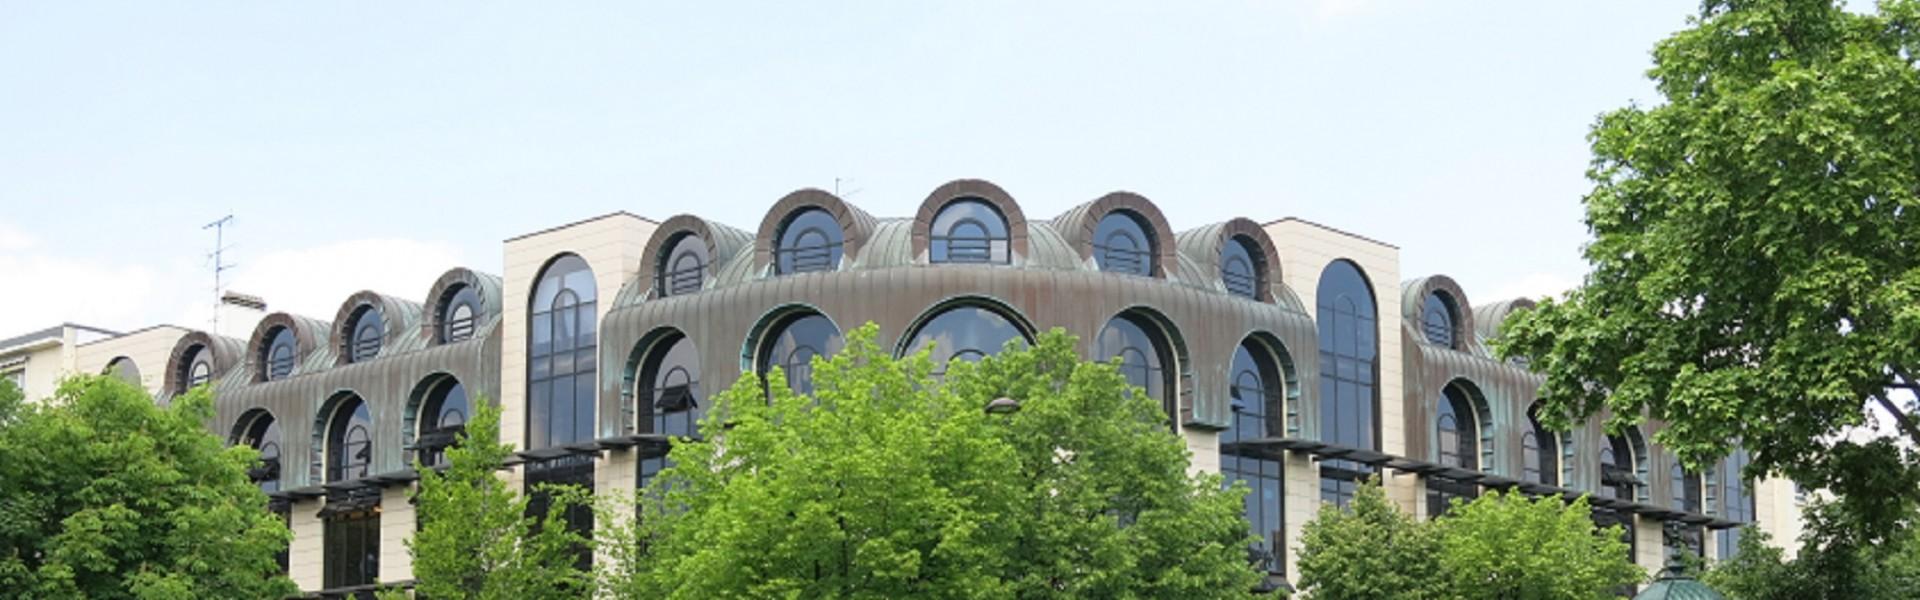 Visiter tous les Musées de France